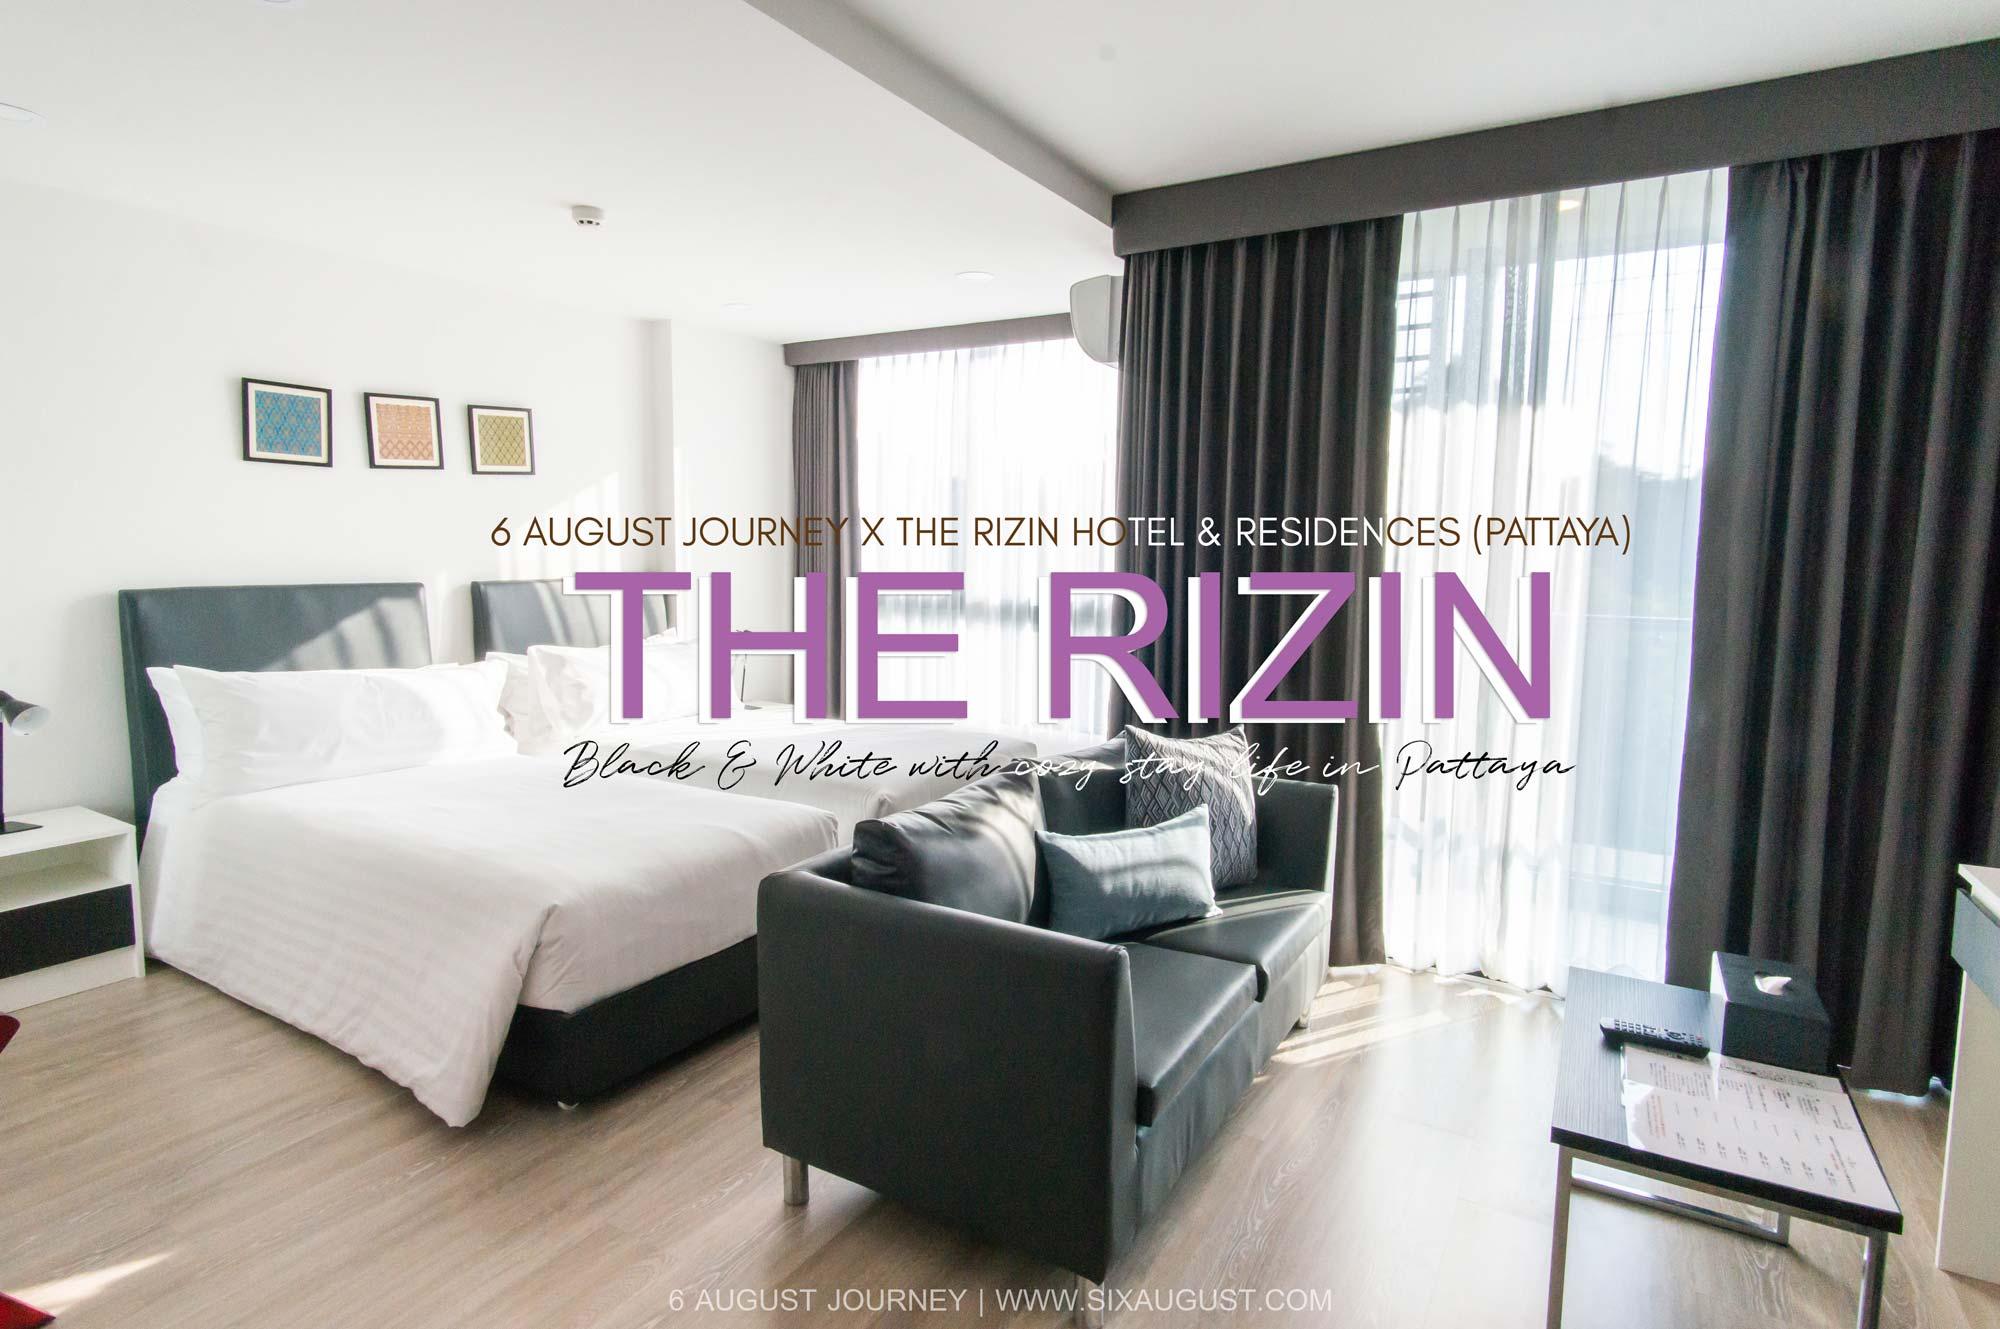 ห้องธรรมดา The Rizin